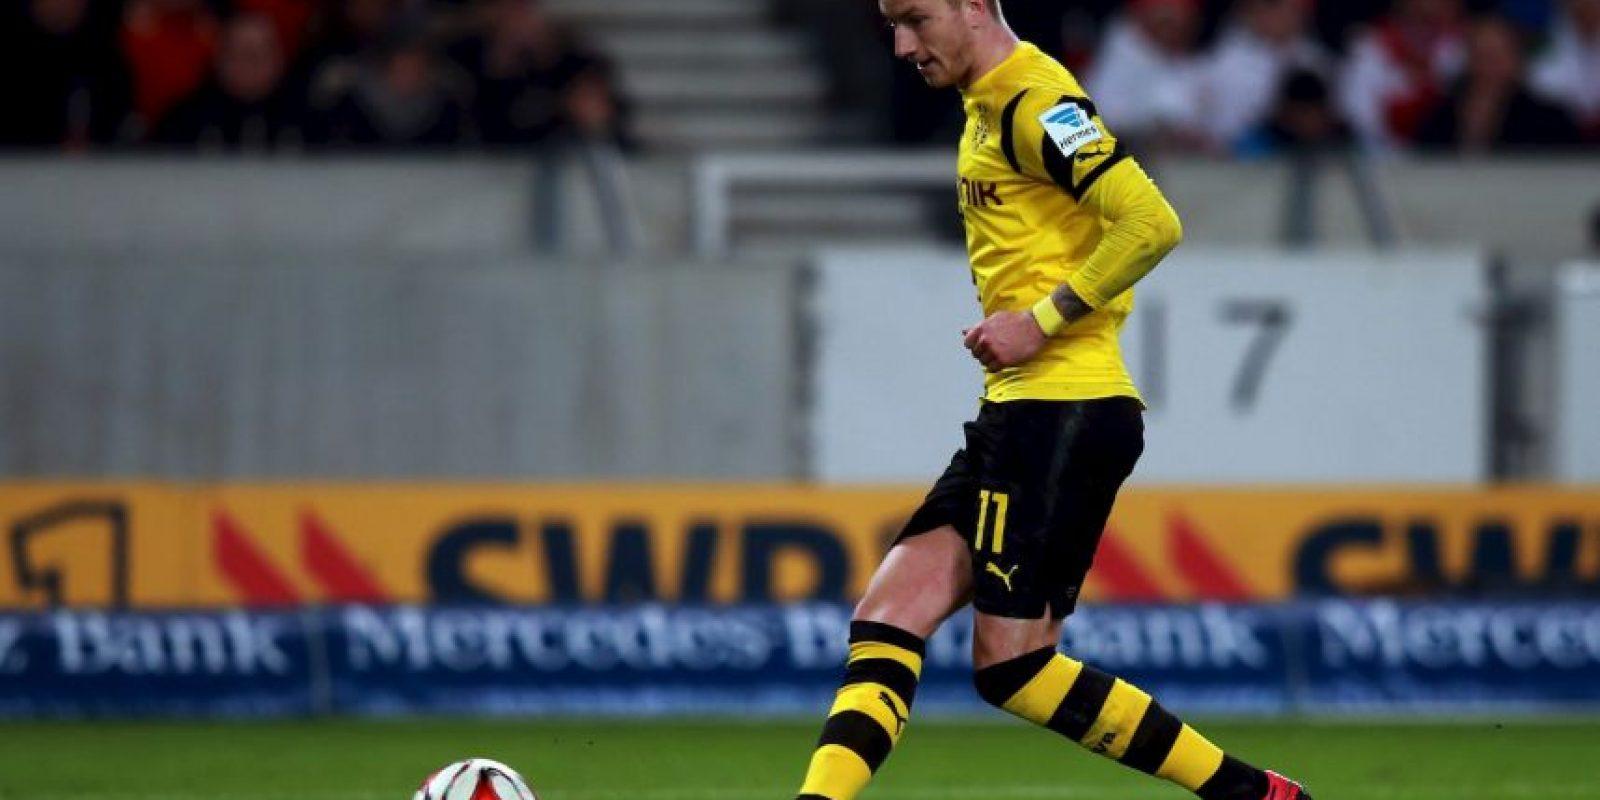 Una ampliación de su contrato con el Borussia Dortmund supone un fichaje muy costoso para el equipo blanco Foto:Getty